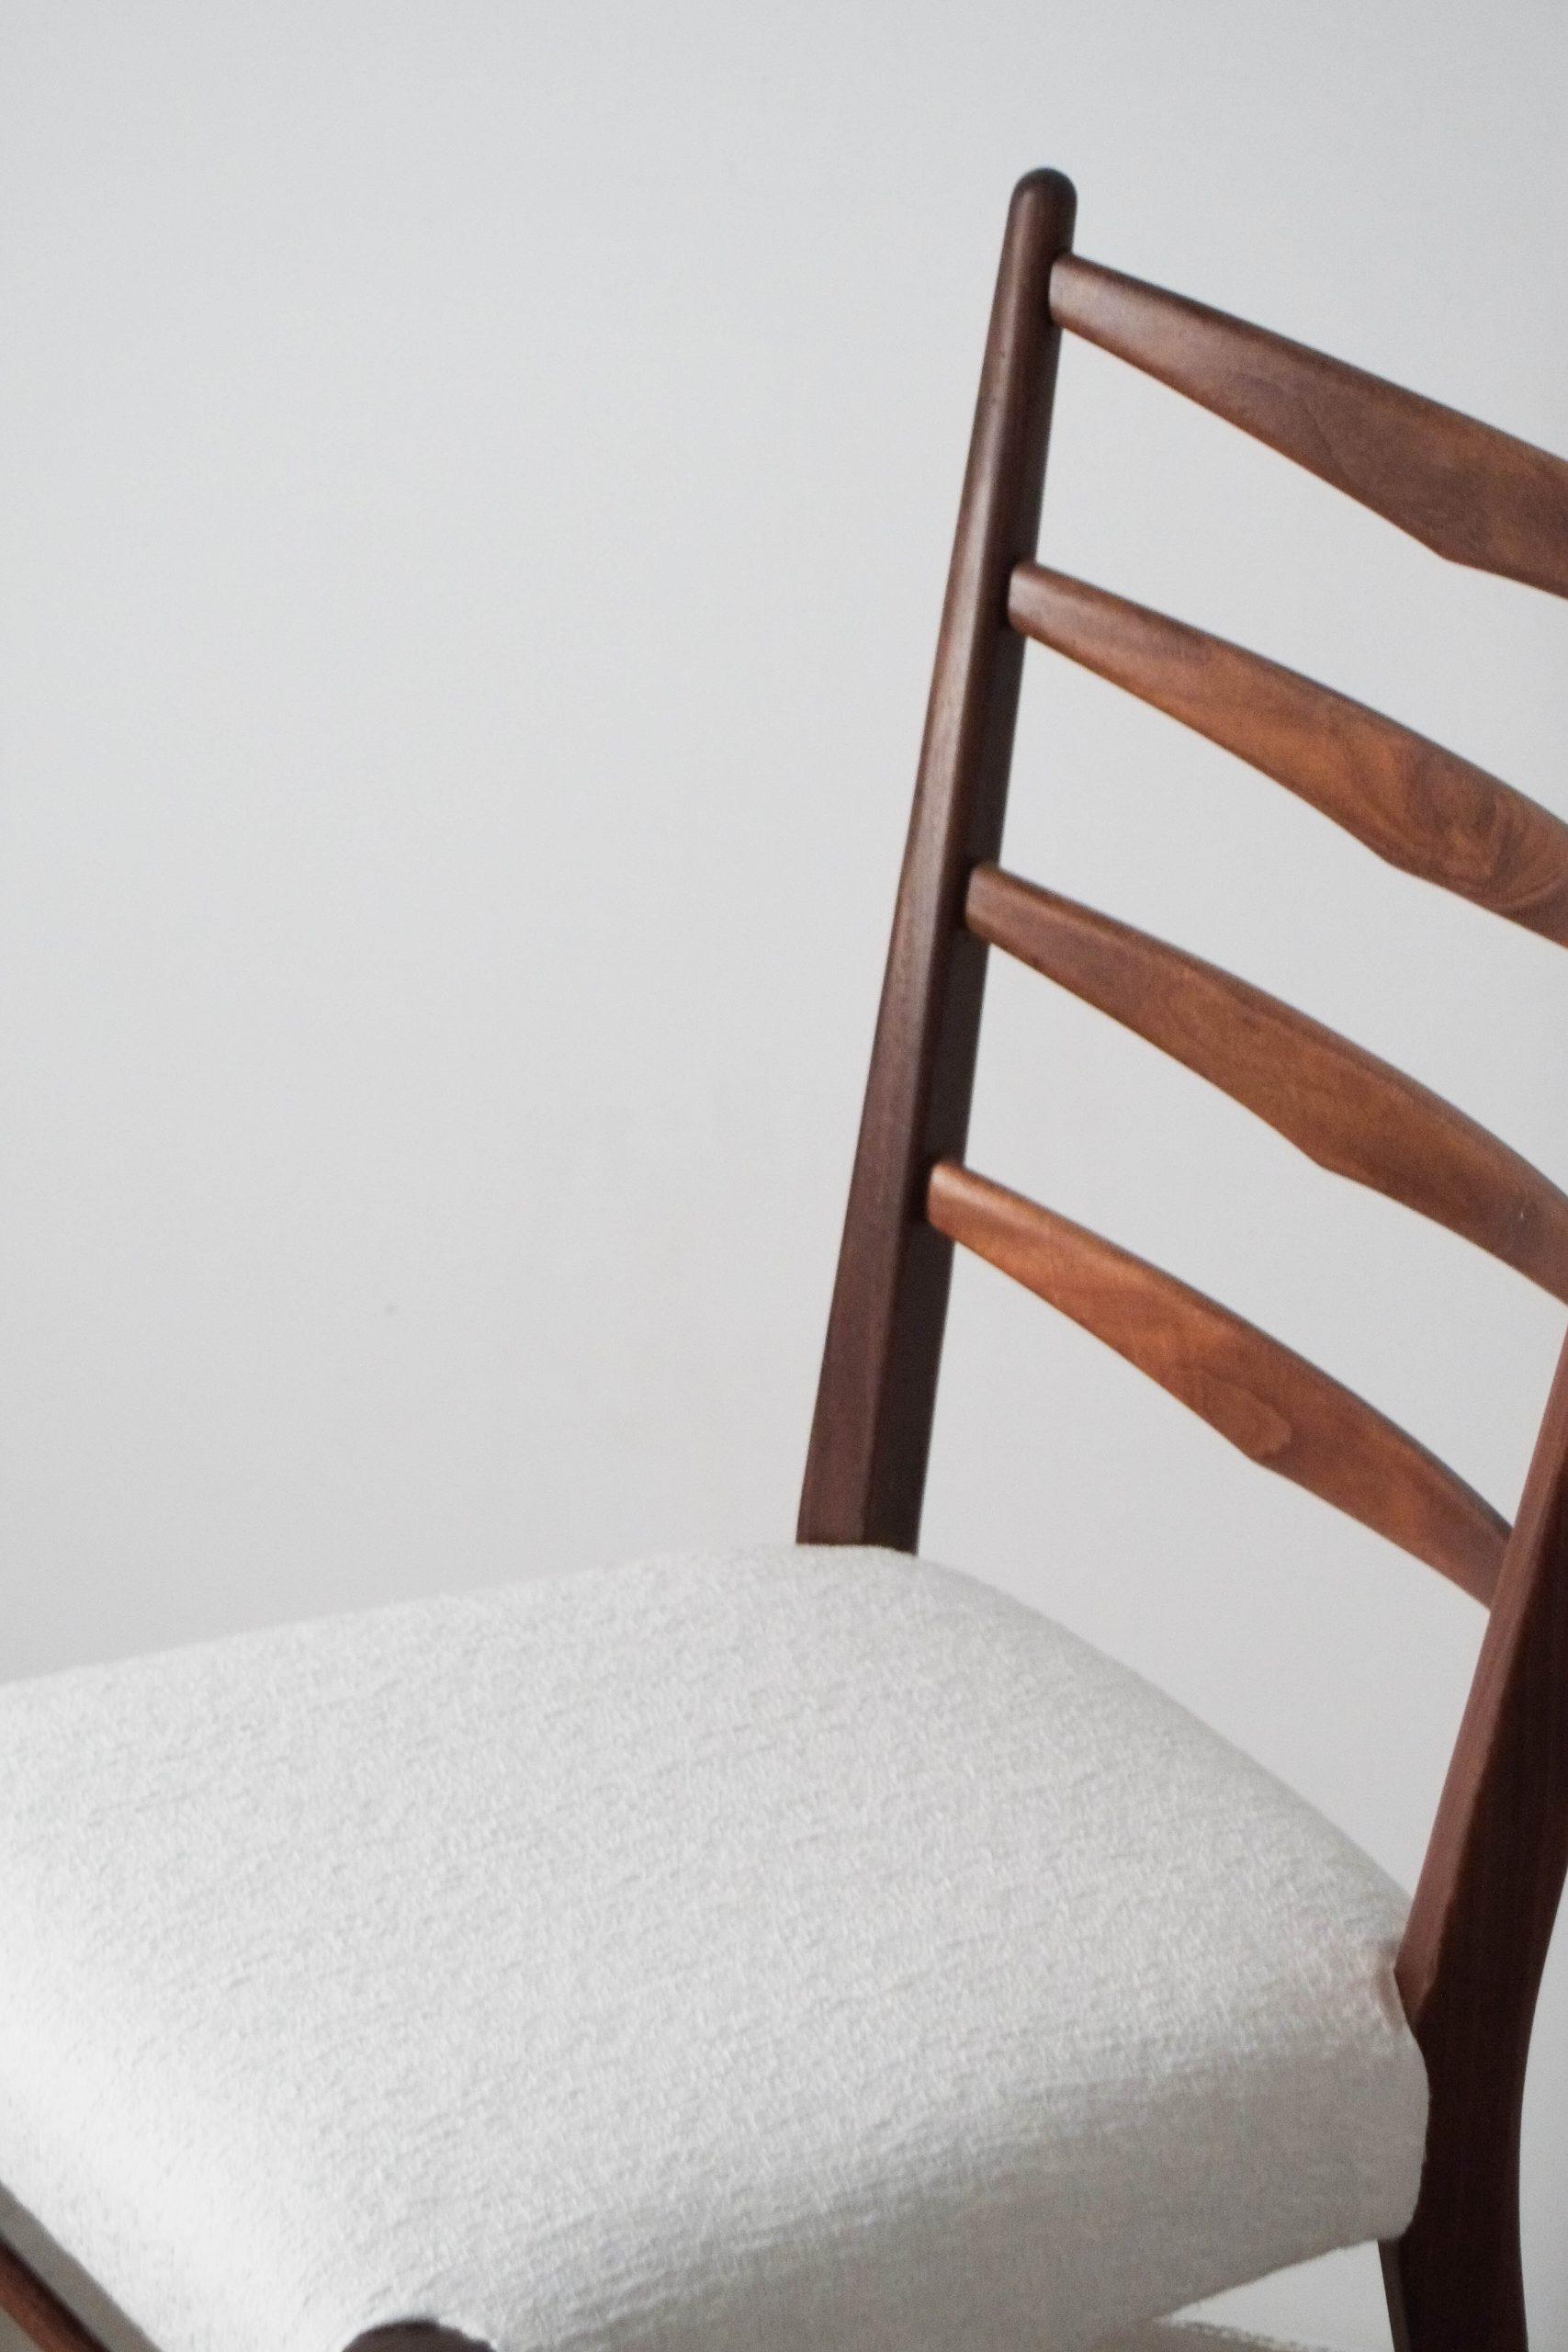 detalles calidad silla cees braakman de diseño comedor cocina